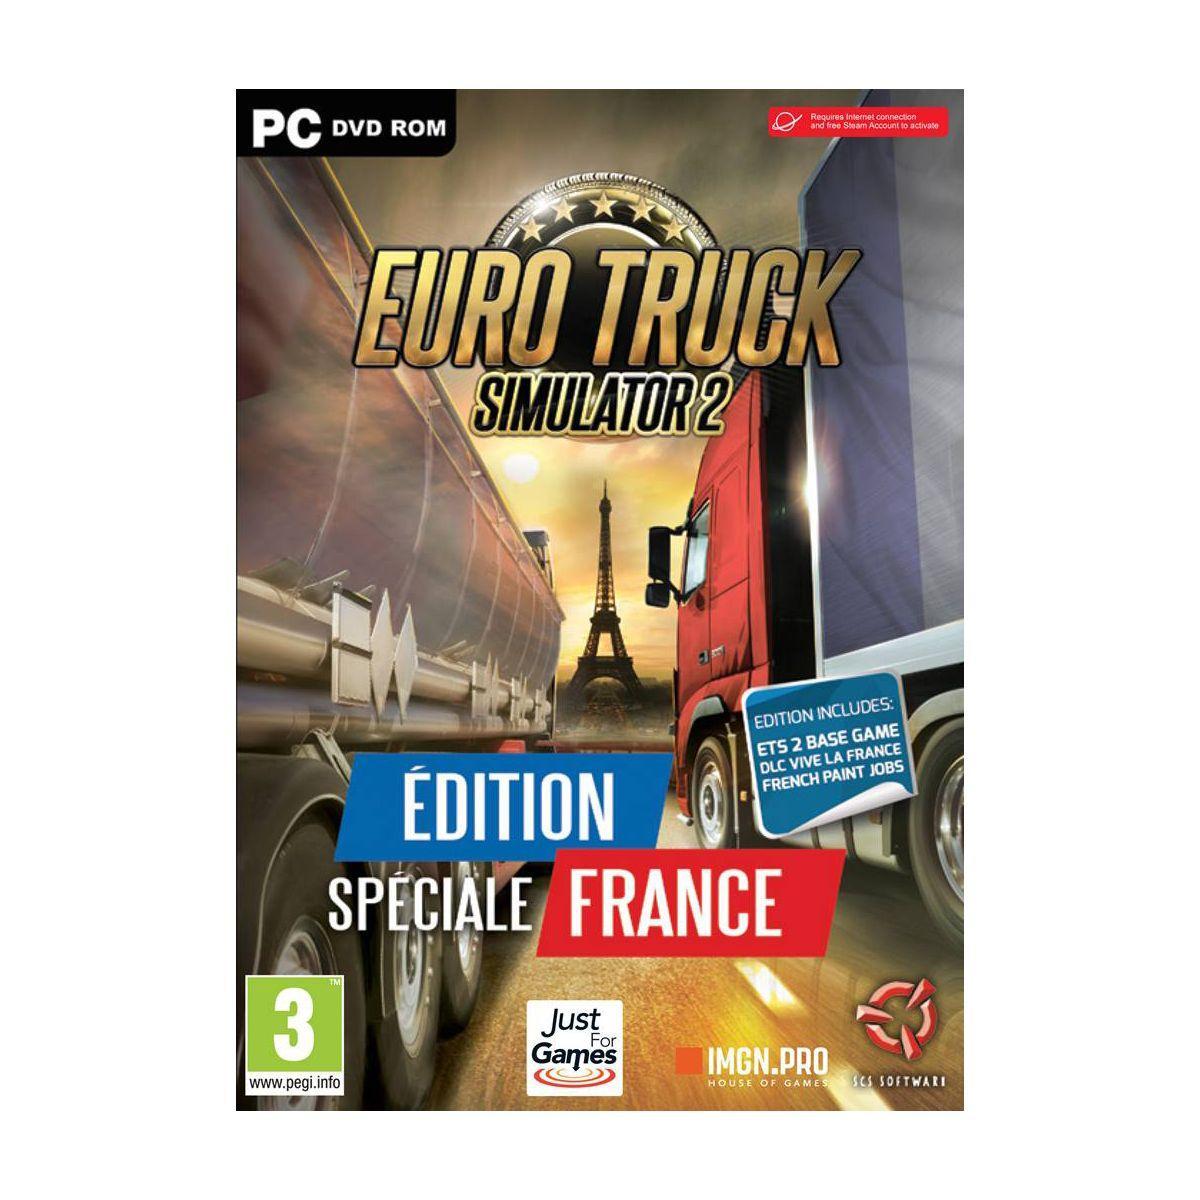 Jeu pc just for games pack euro truck 2 - 3% de remise immédiate avec le code : multi3 (photo)